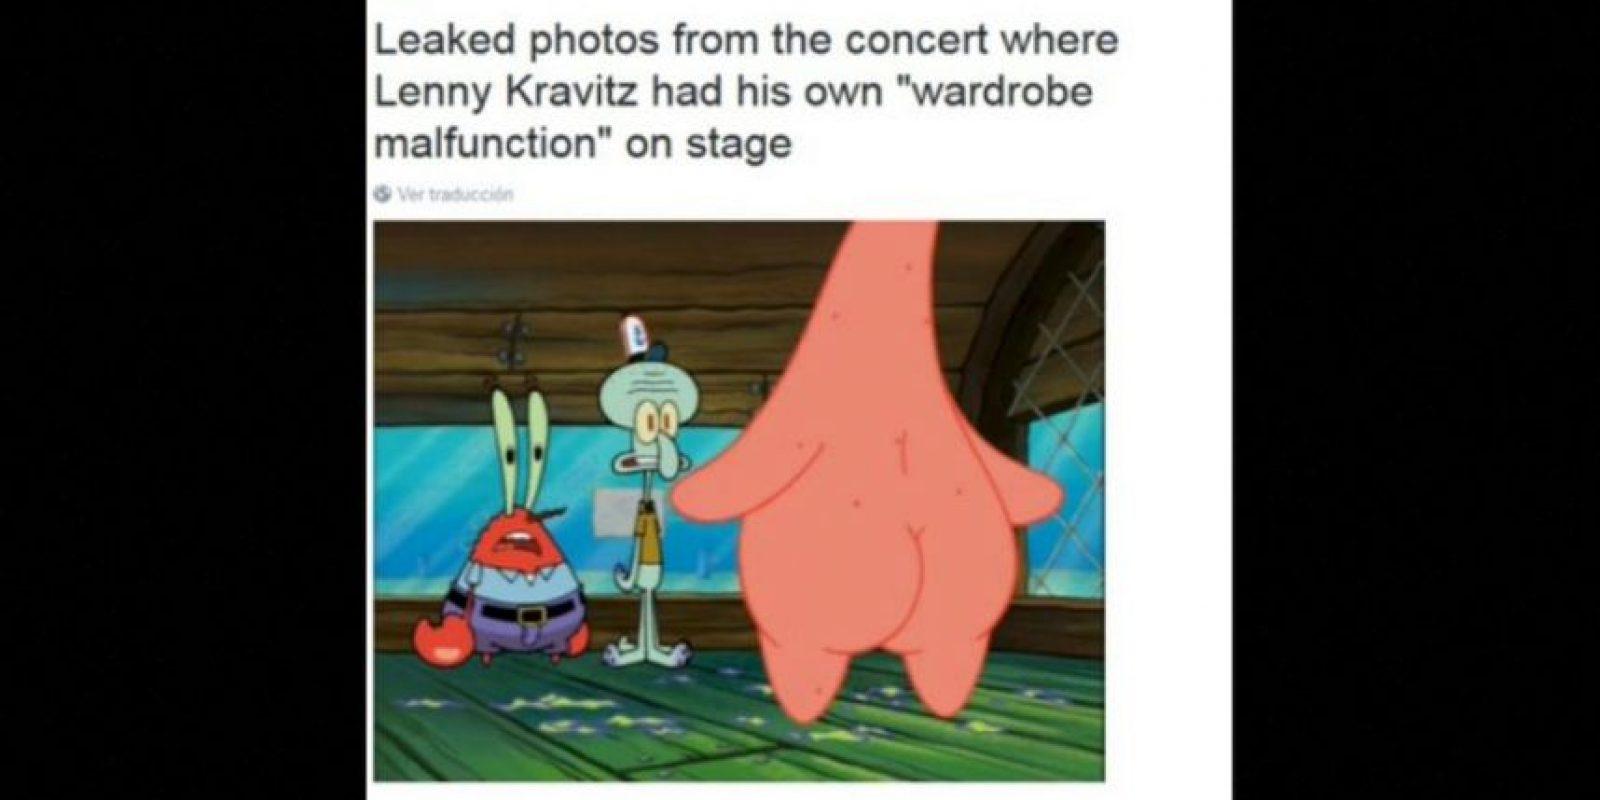 Los memes por el incidente de Lenny Kravitz Foto:vía twitter